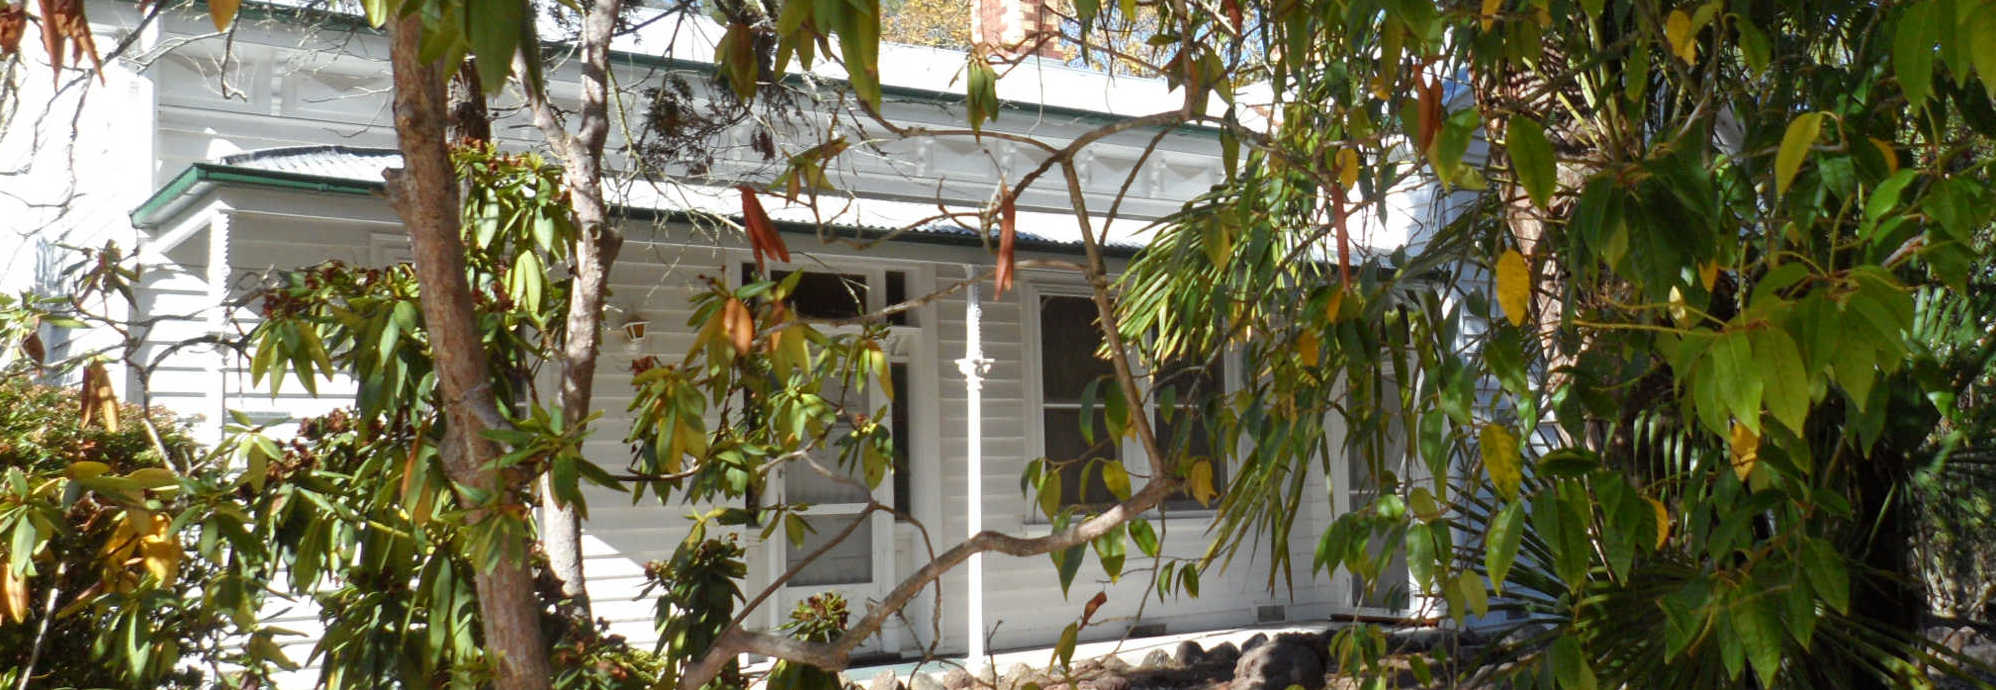 house_bush